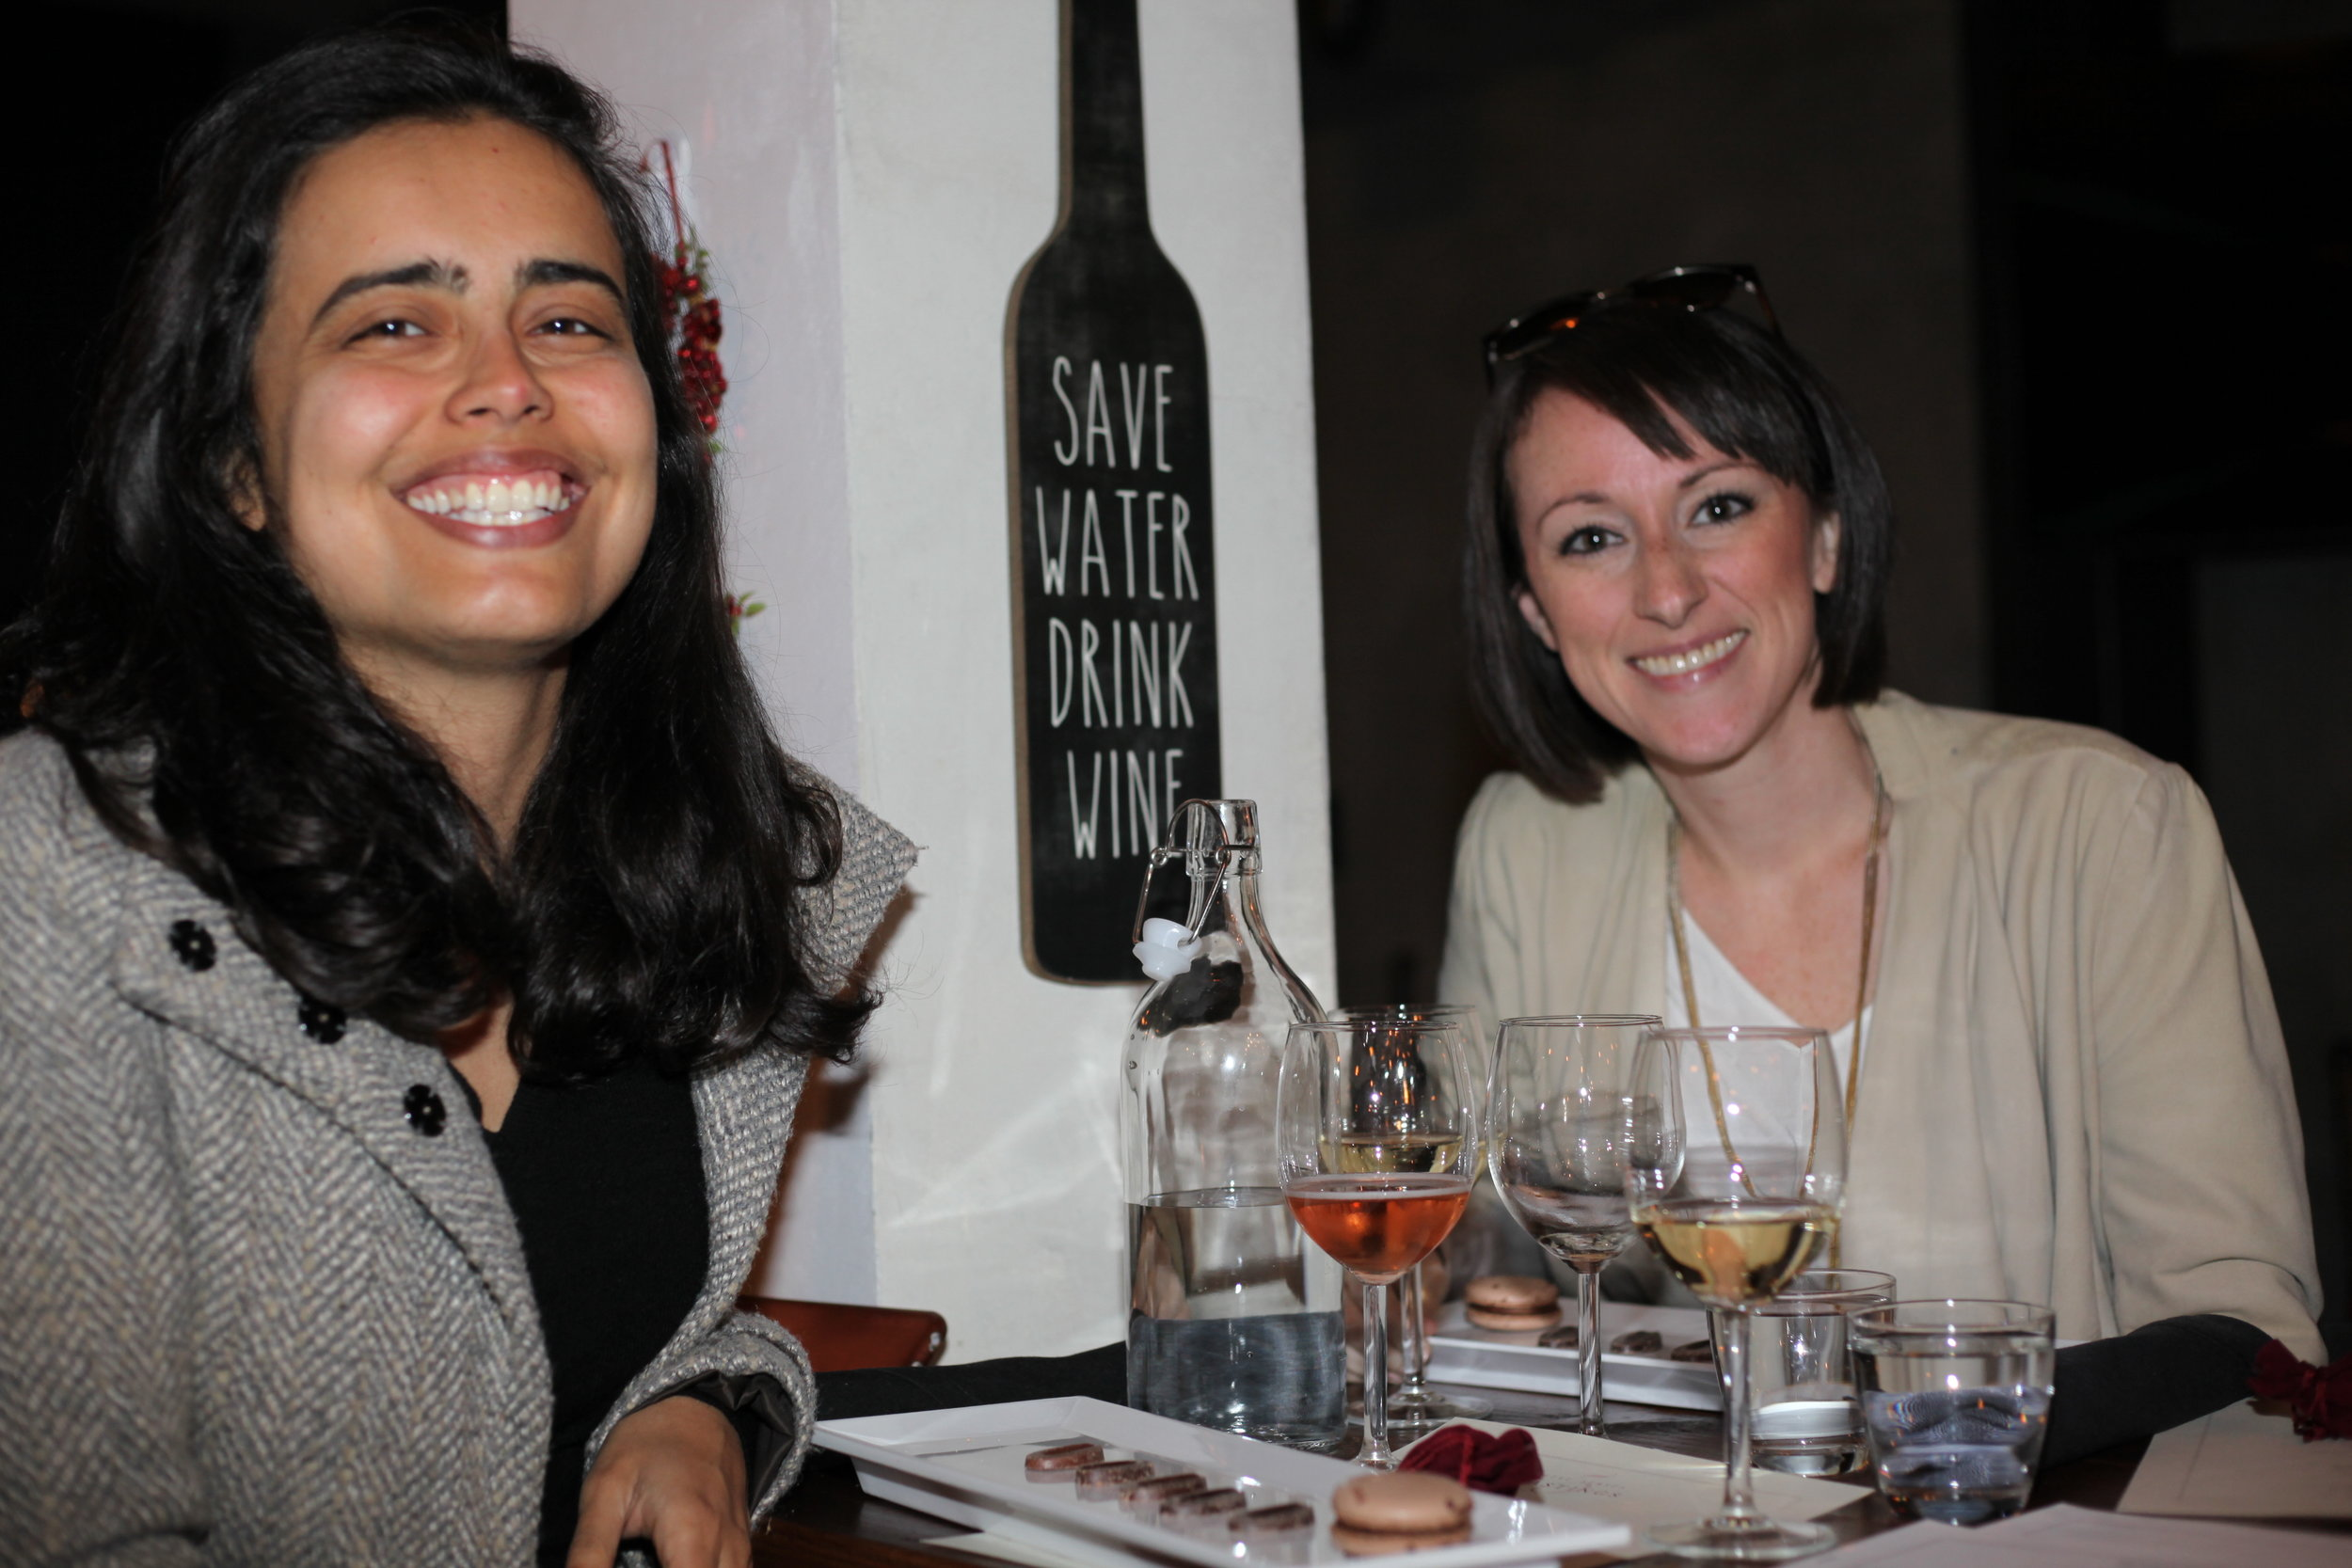 Friends_Wine_Tasting_Five_Senses_Tastings.jpg